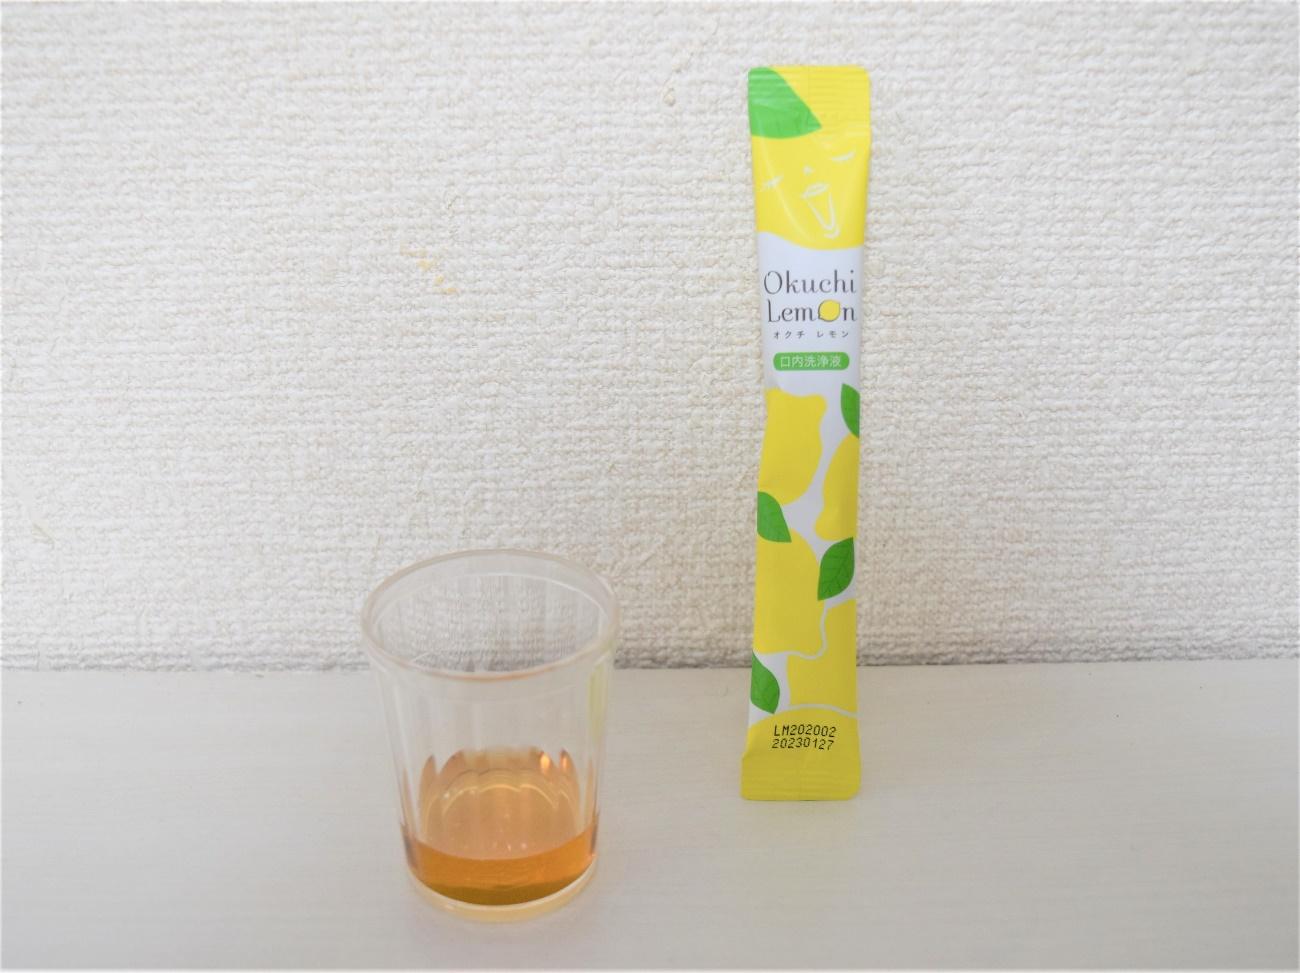 オクチレモンと中身の液体の画像